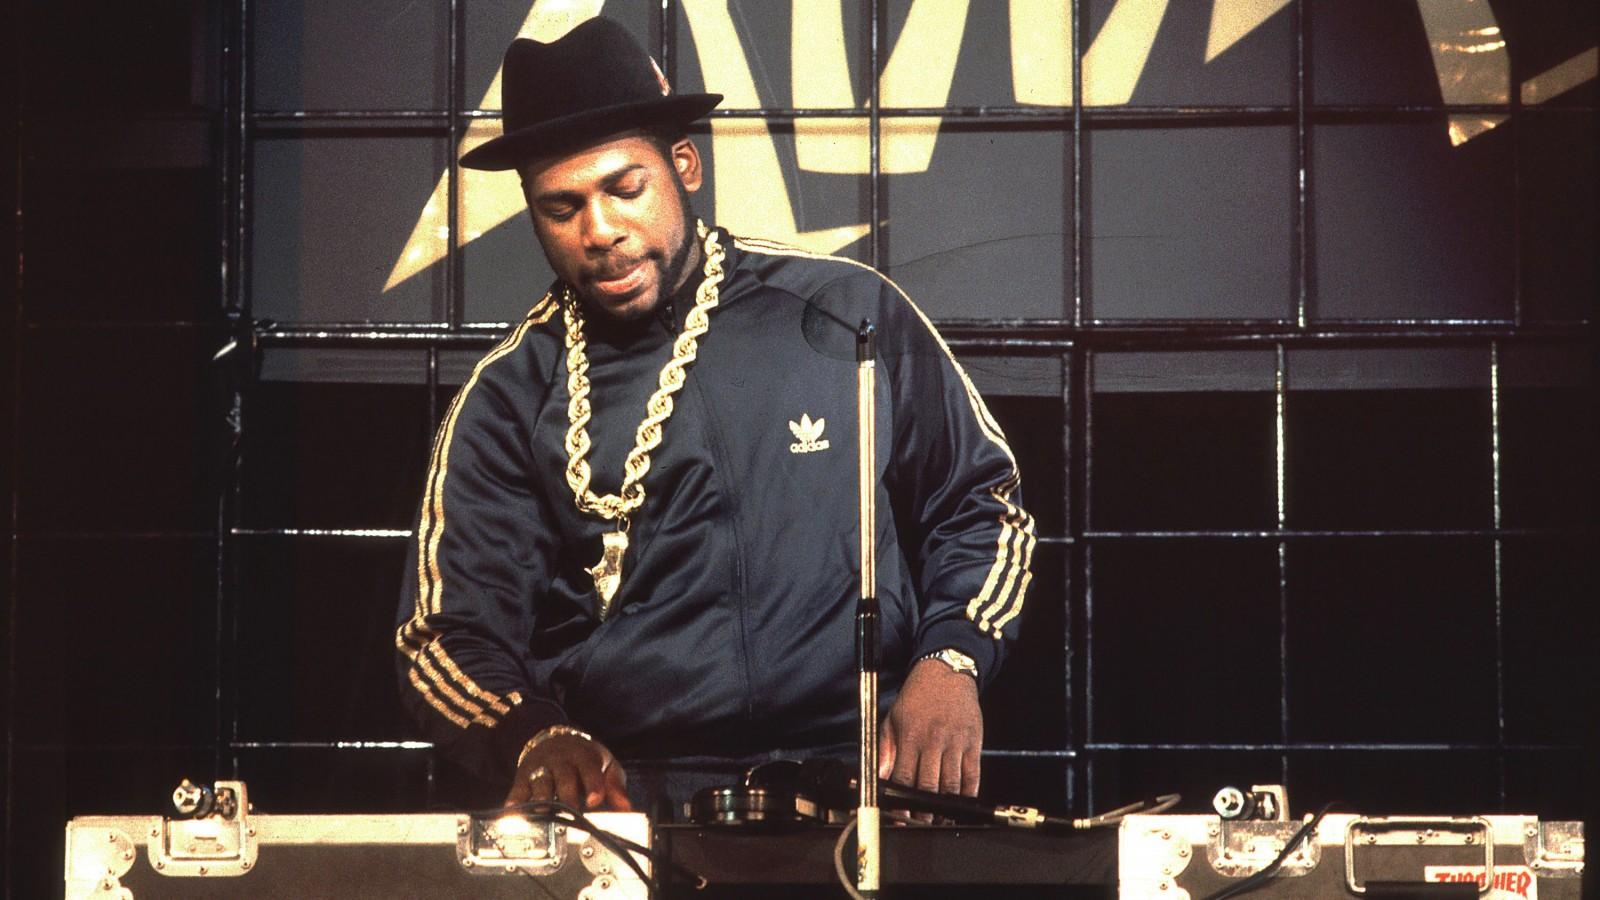 Nhân kỷ niệm lần thứ 56 sinh nhật DJ huyền thoại JAM MASTER JAY, hãy cùng xem lại những dấu mốc của ông và Run DMC trong thập niên 80s